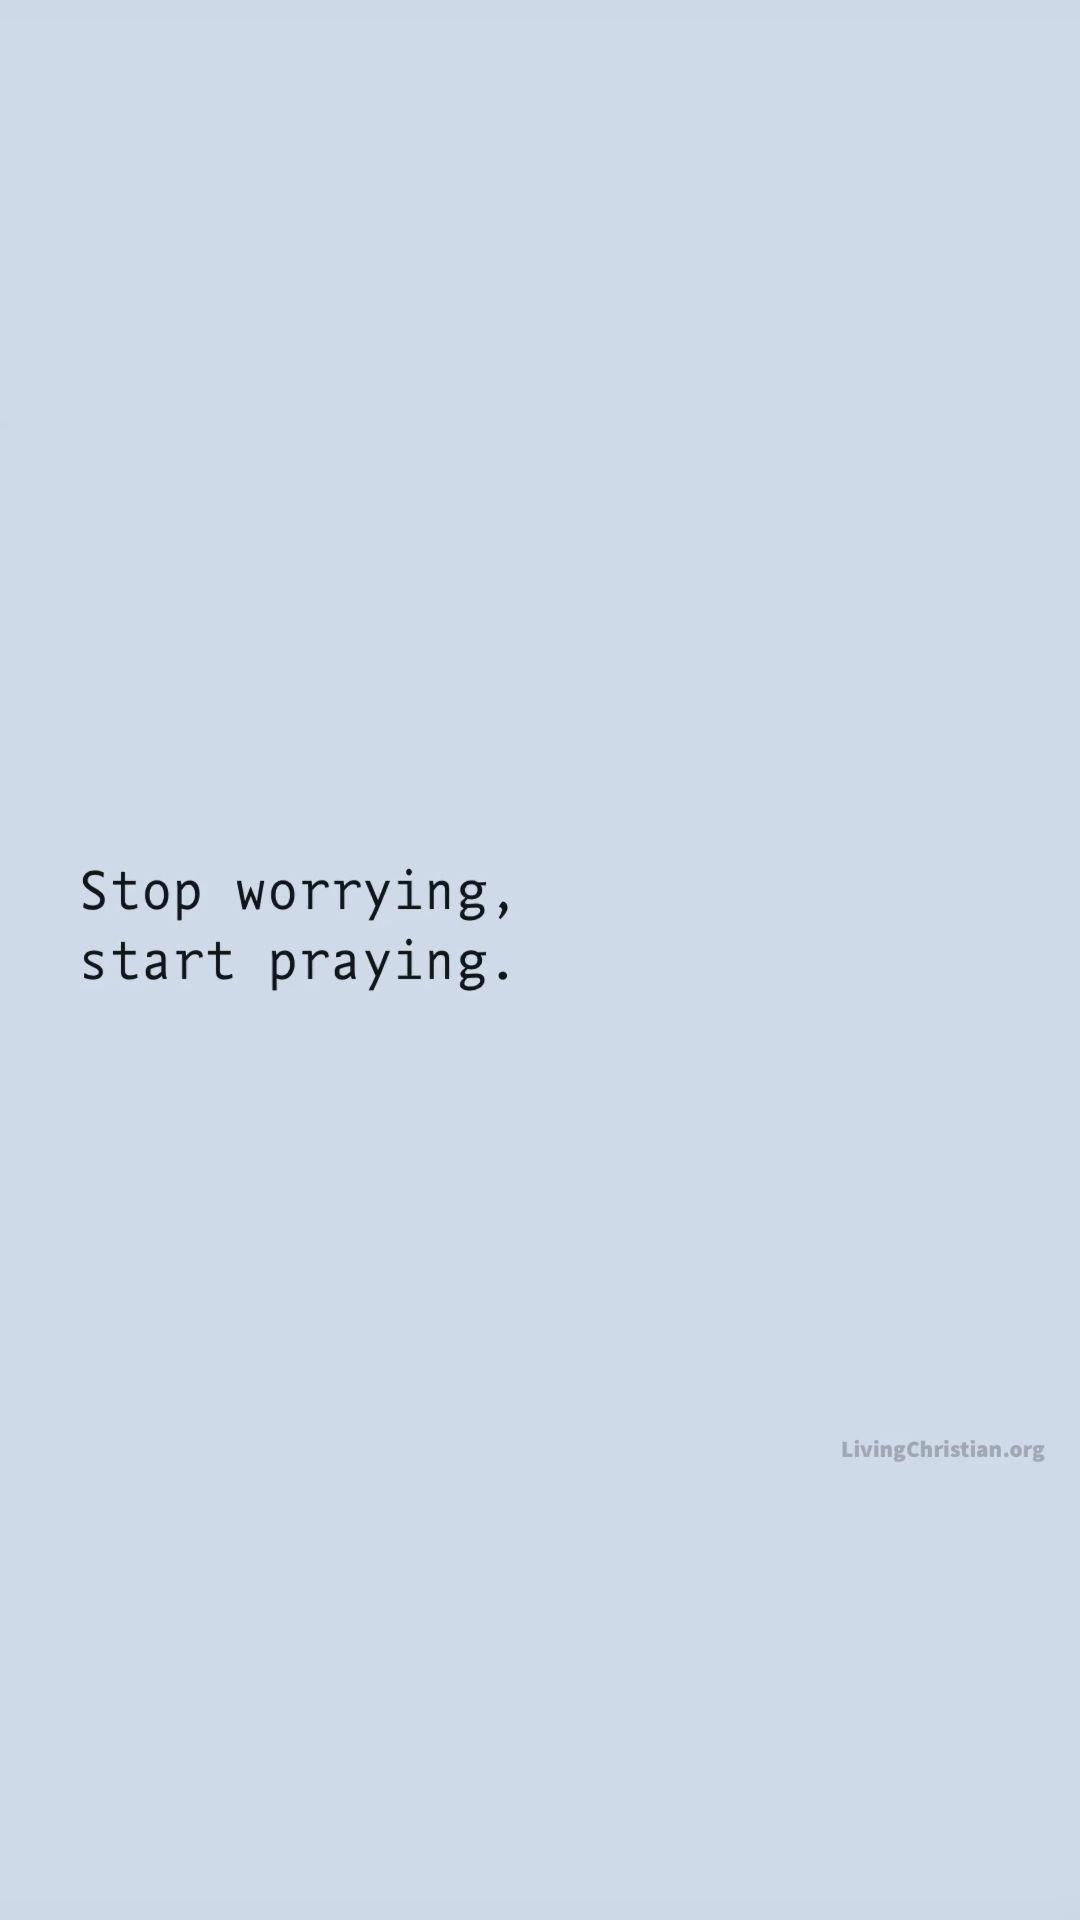 Start praying